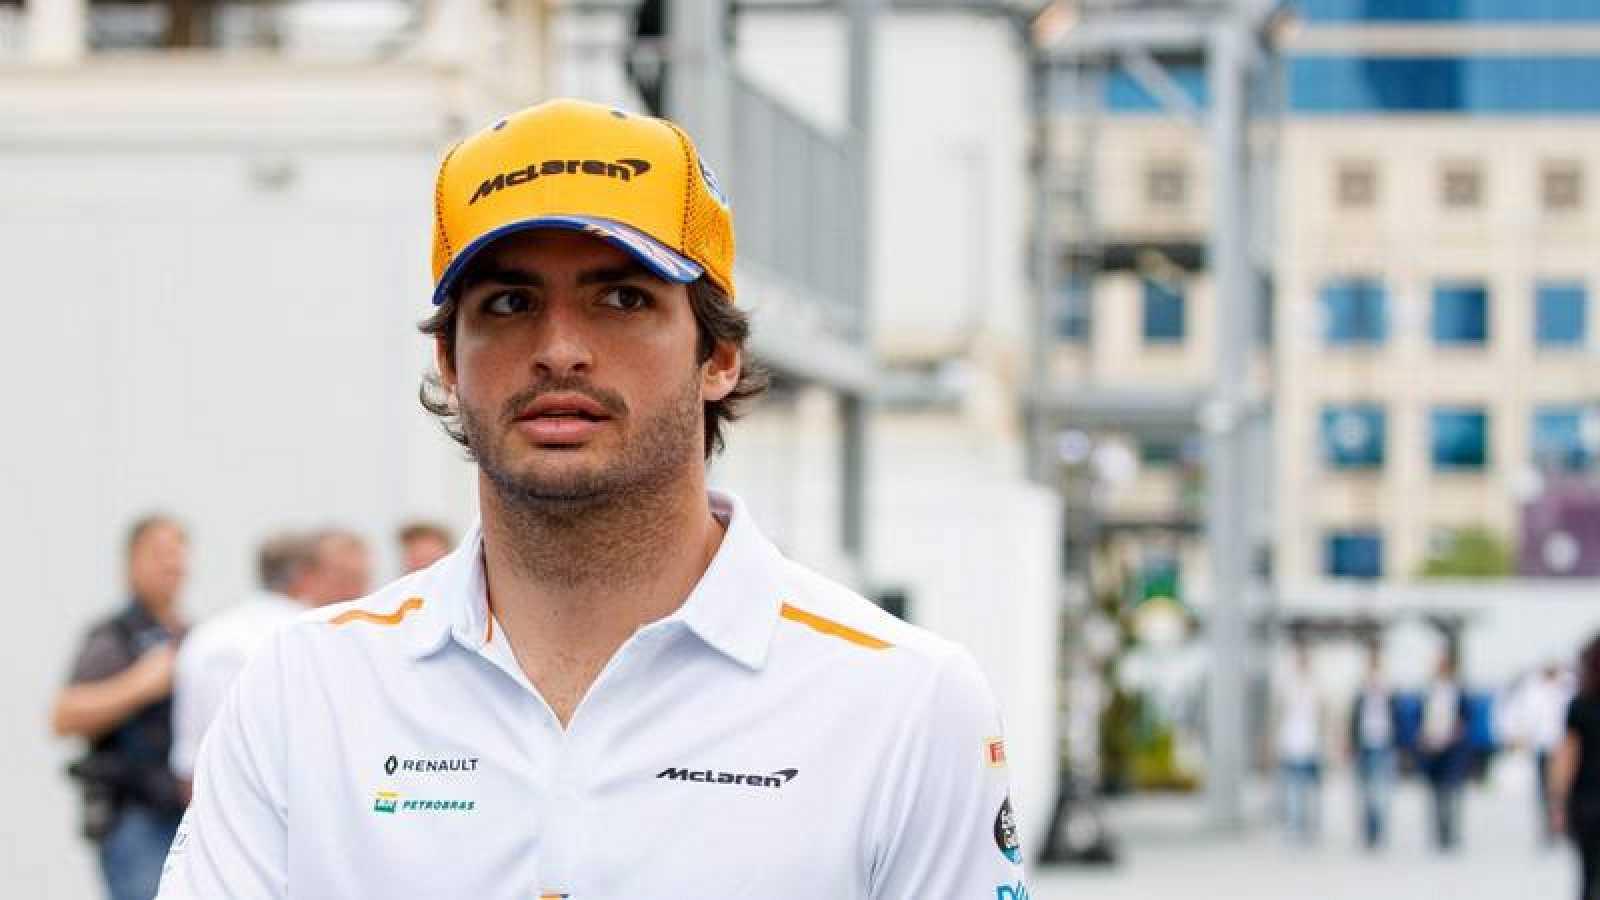 El piloto español de McLaren Carlos Sainz en una imagen de 2019.